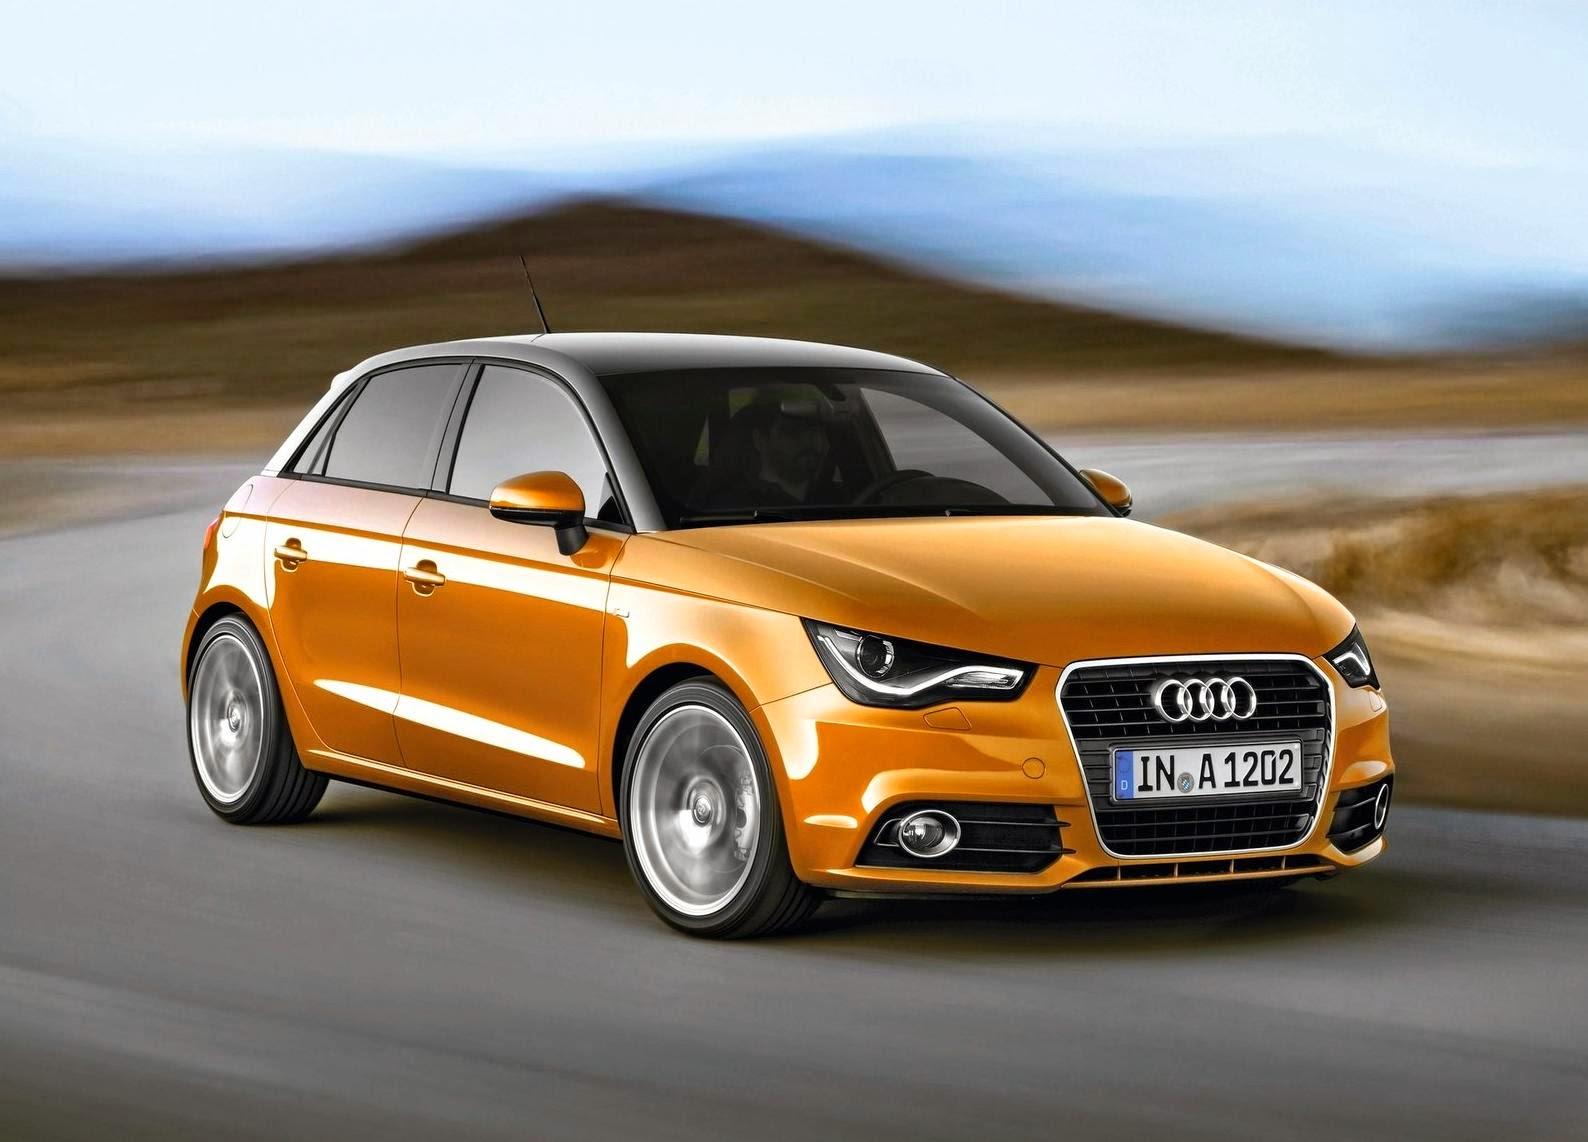 Audi A1 Sportback 2012 1080p Wallpaper